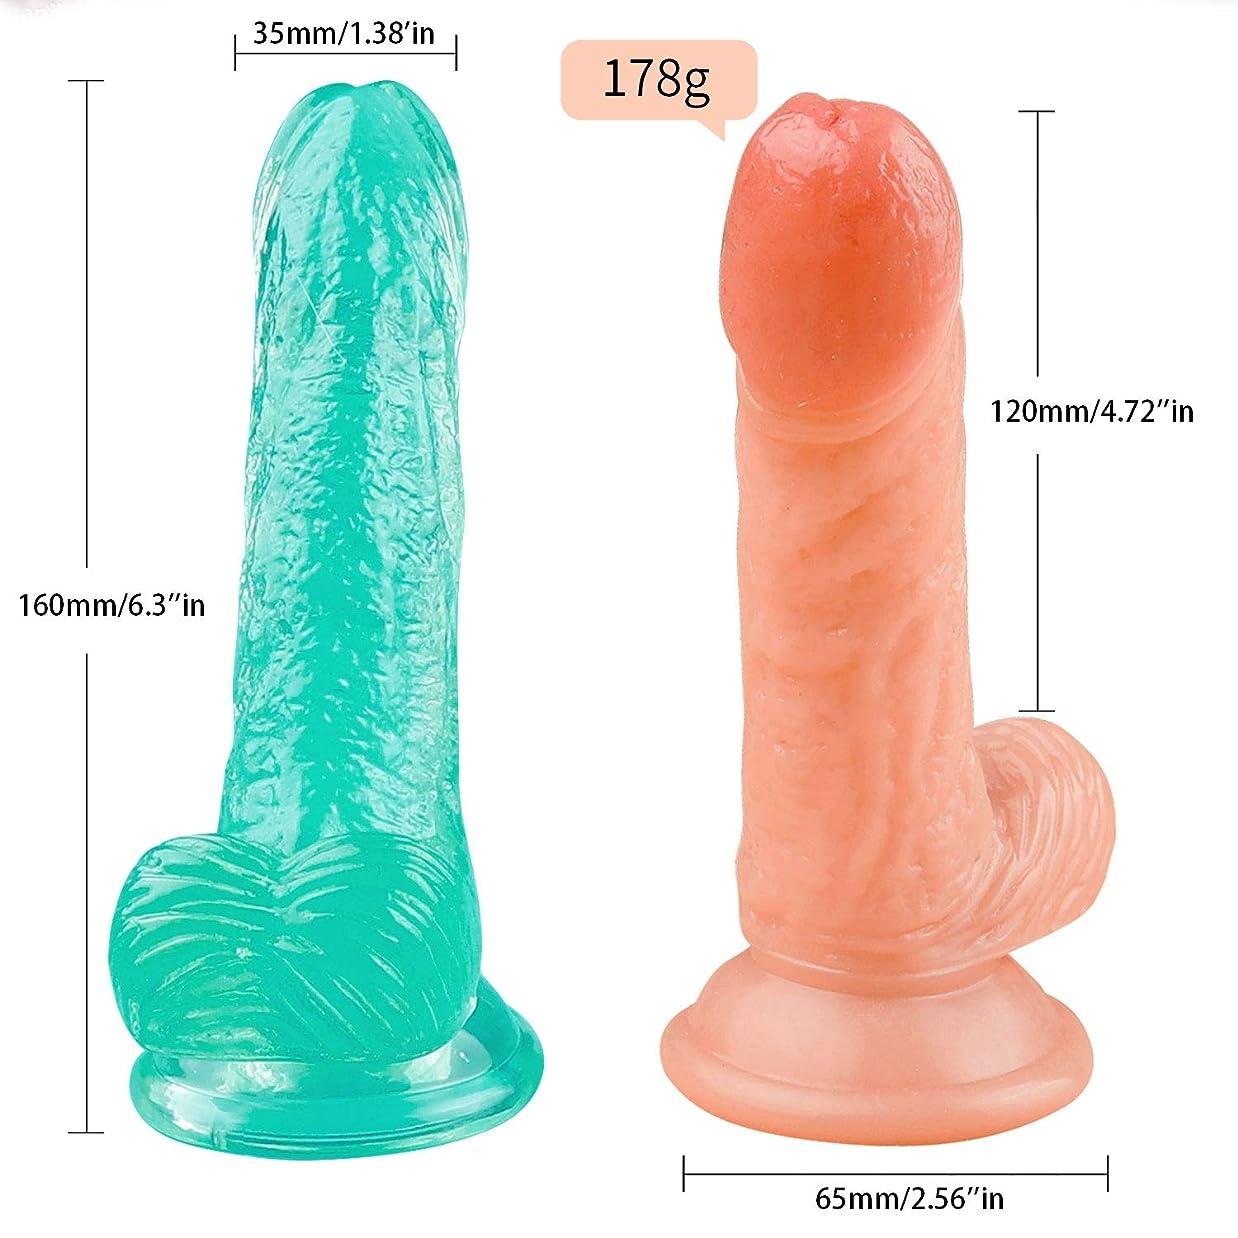 熱帯の大腿素晴らしいLTT 6.3インチミニフレキシブルソフトマッサージワンド初心者用女性ハンズフリーリラックスマッサージおもちゃ完璧なおもちゃ